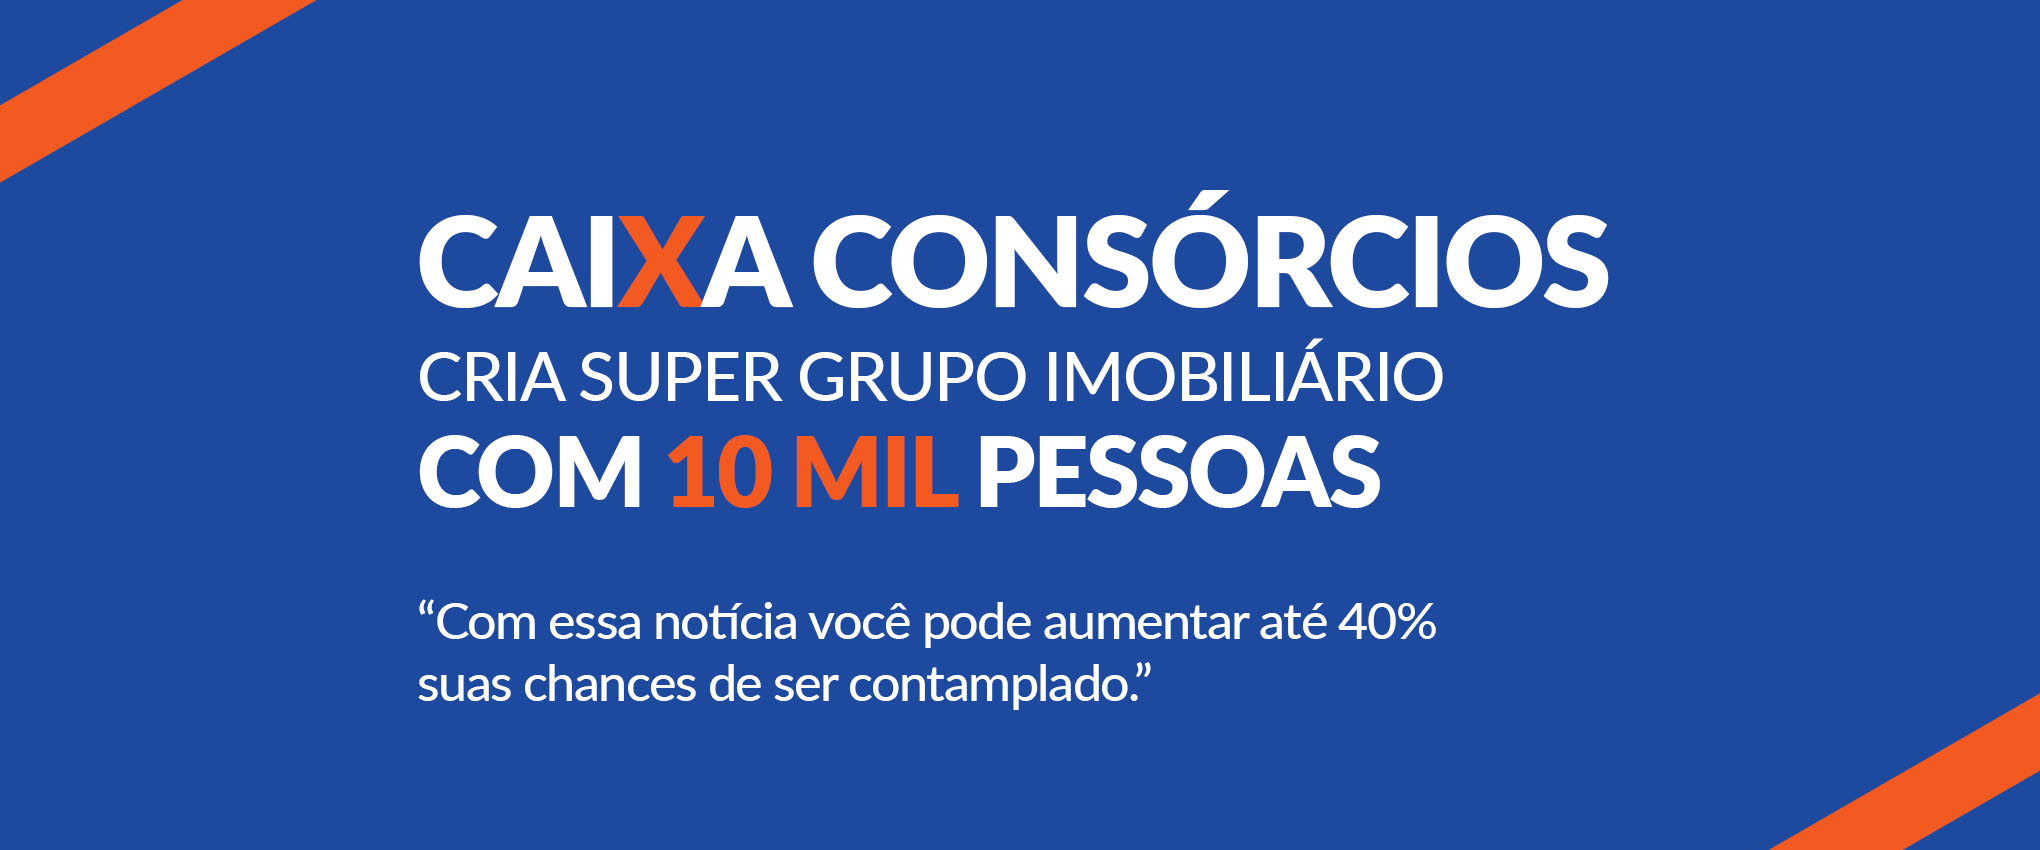 Caixa Consórcios Cria Super Grupo de 10 Mil Pessoas